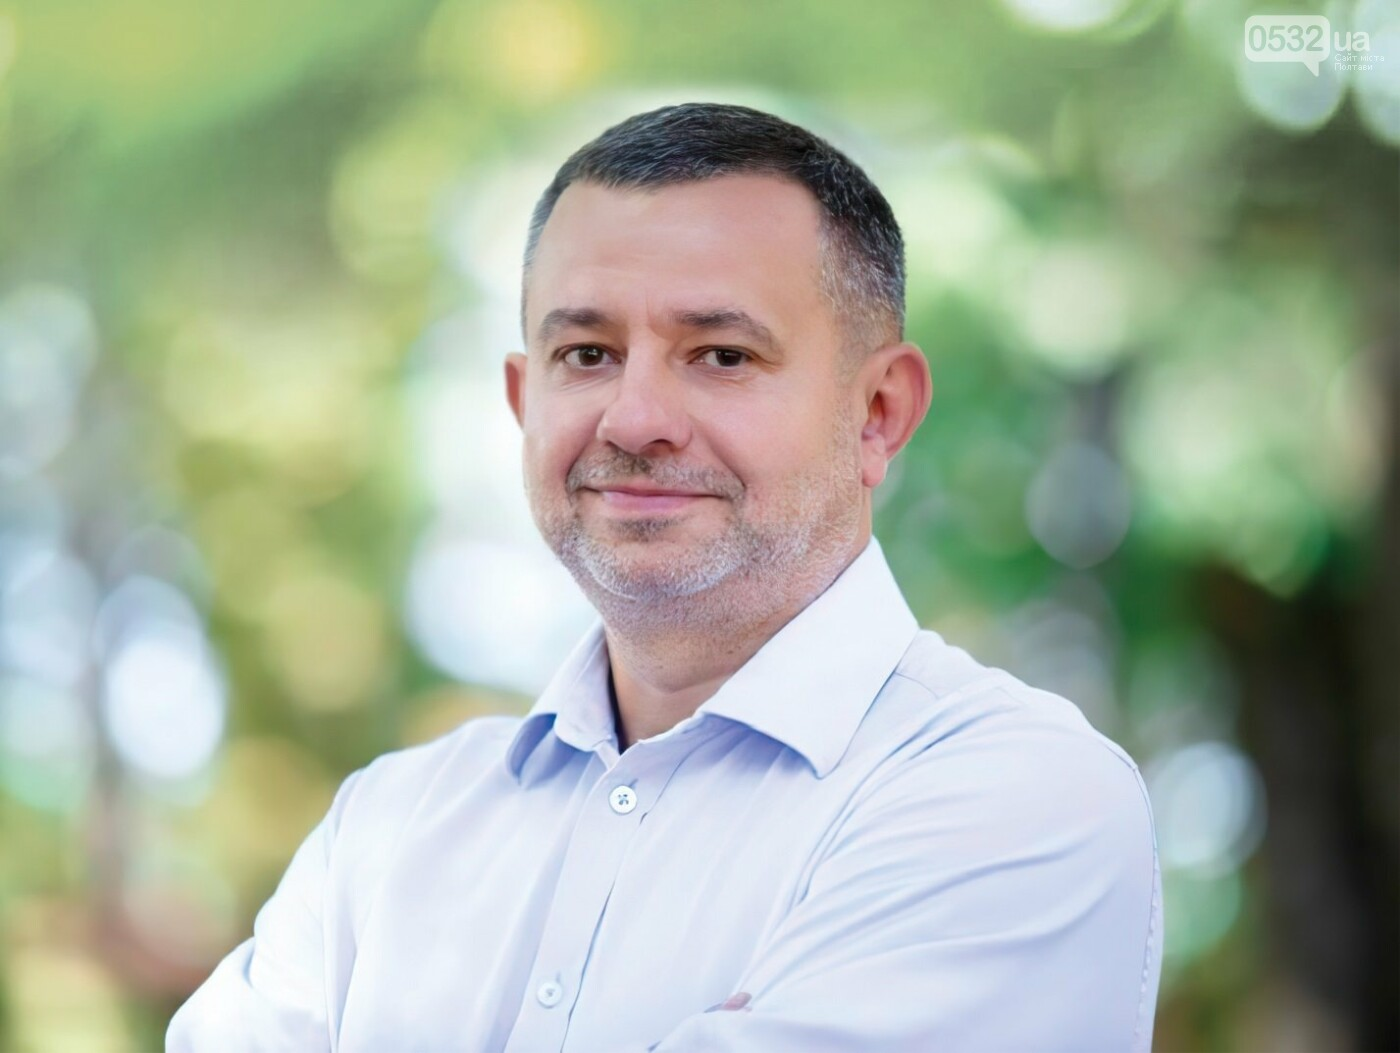 Олег Соболєв: В разі моєї перемоги ніяких звільнень за політичними мотивами не буде, фото-1